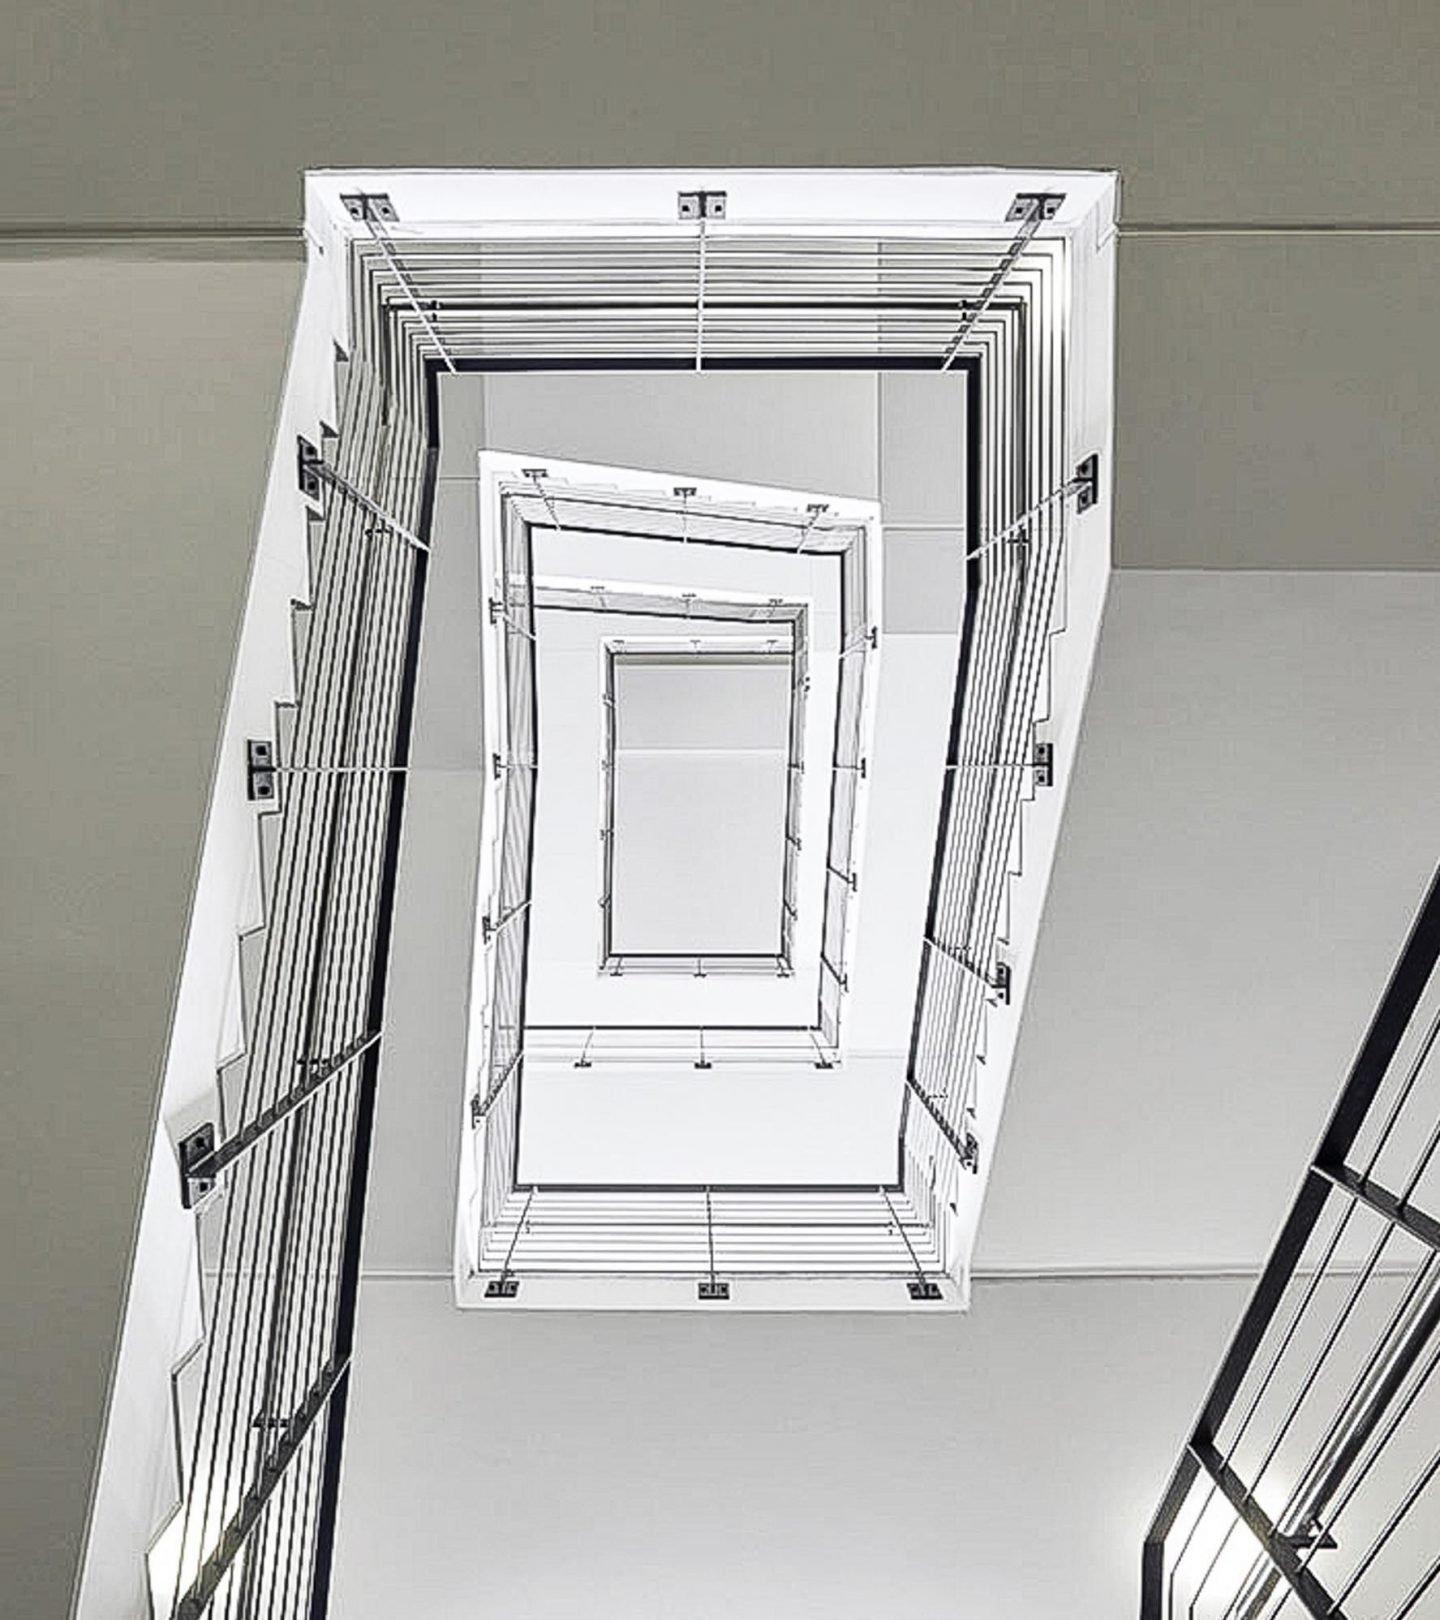 Paribus Hochschulportfolio Bayern - Treppenhaus der Universität Bamberg